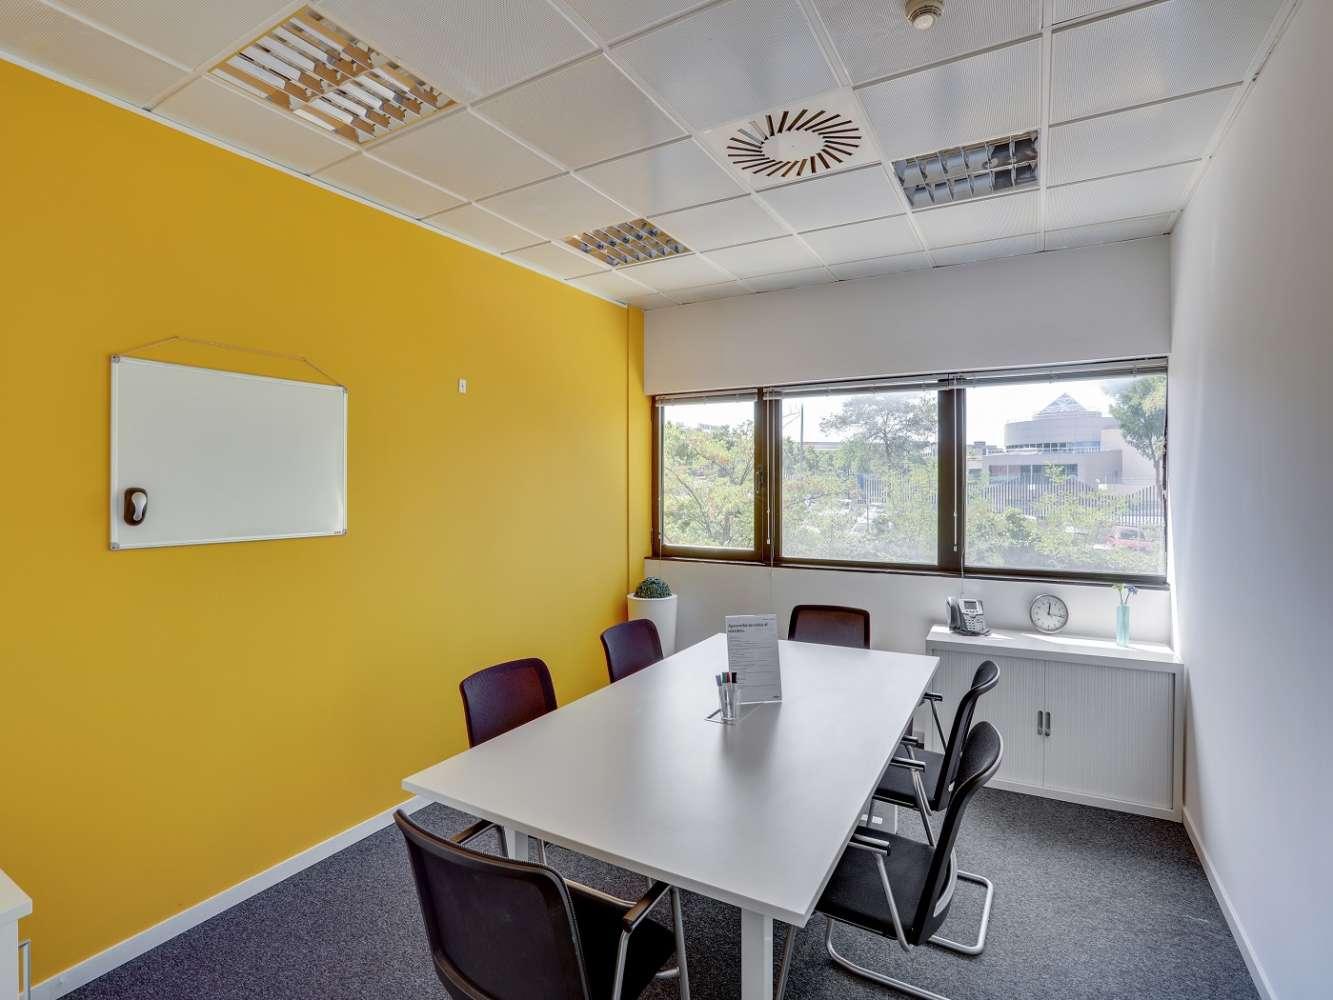 Oficina Las rozas de madrid, 28232 - Coworking - Las Rozas - 20139